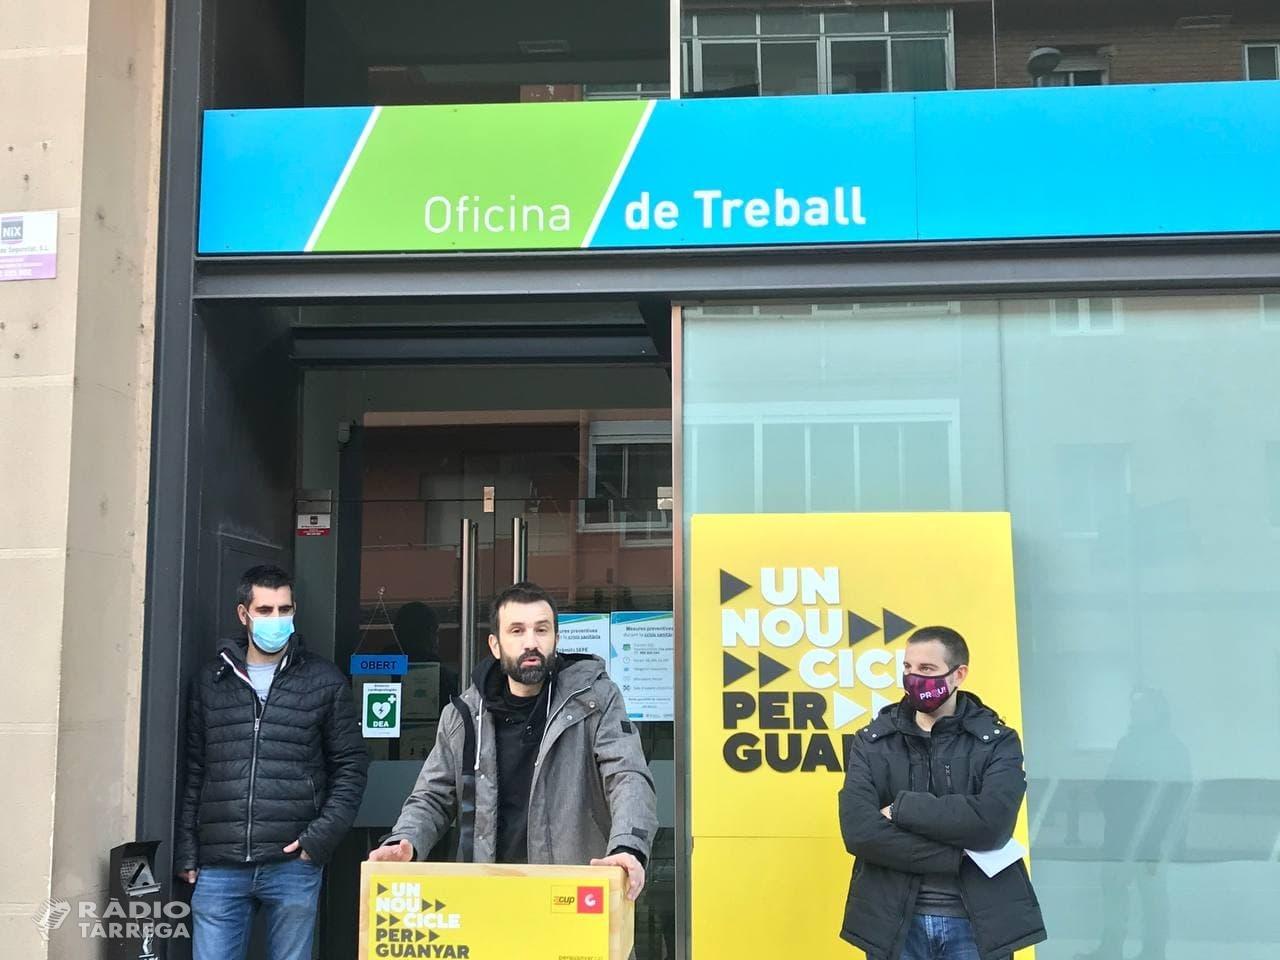 La CUP, des de Tàrrega, denuncia la precarietat laboral de les classes populars accentuada per la crisi econòmica, social i sanitaria de la COVID19